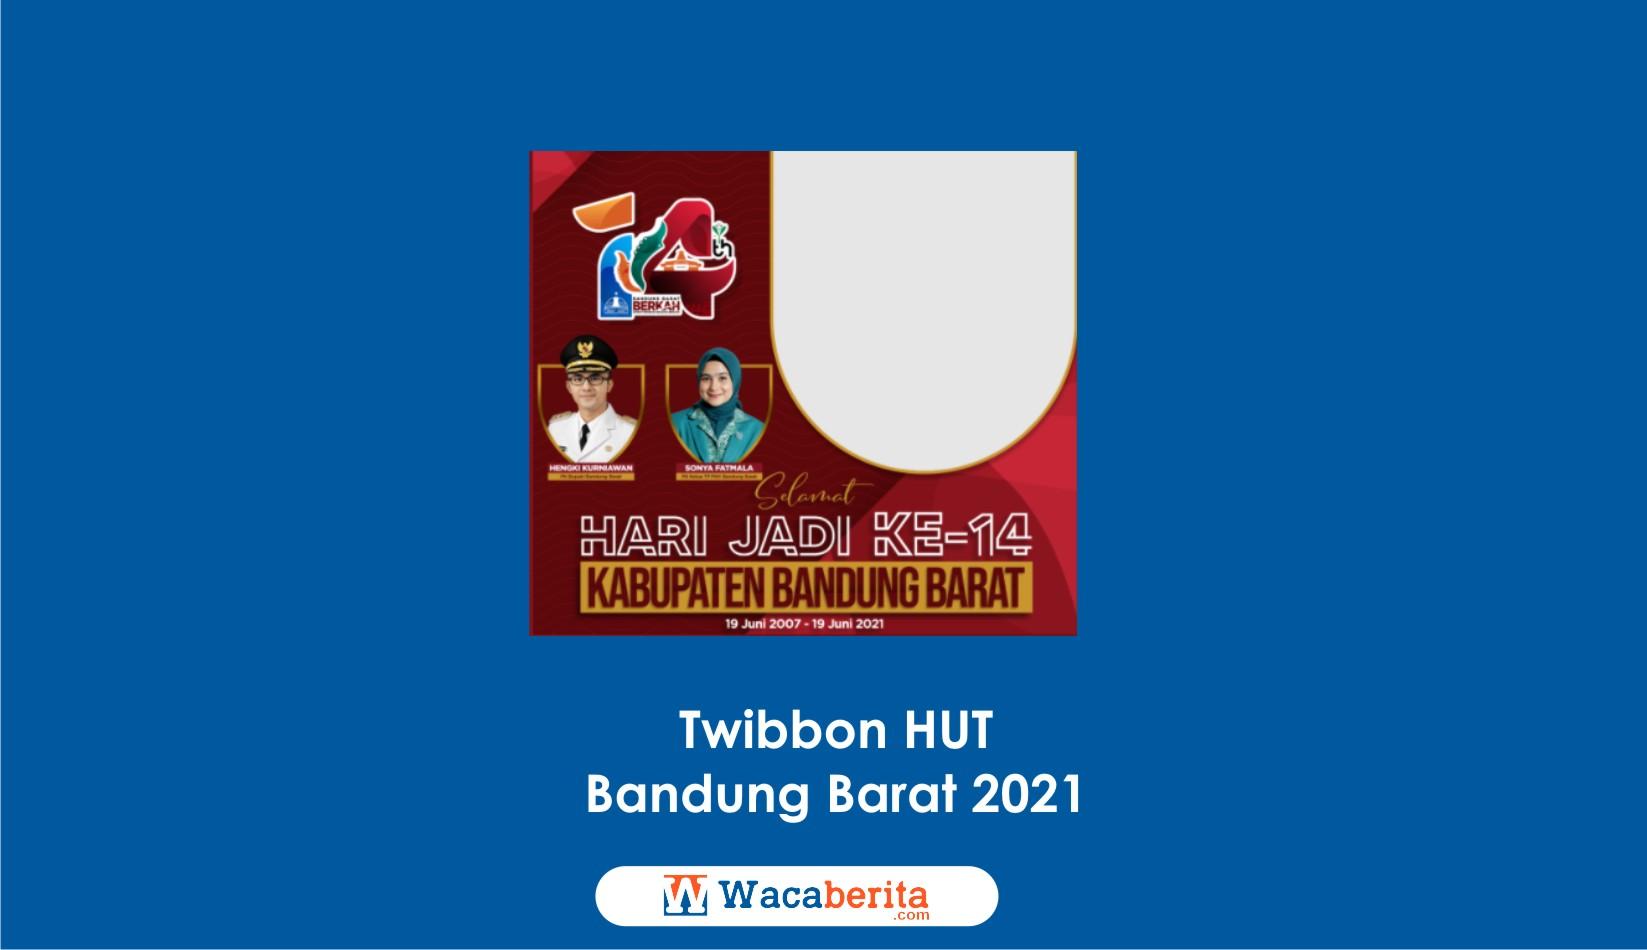 Twibbon HUT Bandung Barat 2021